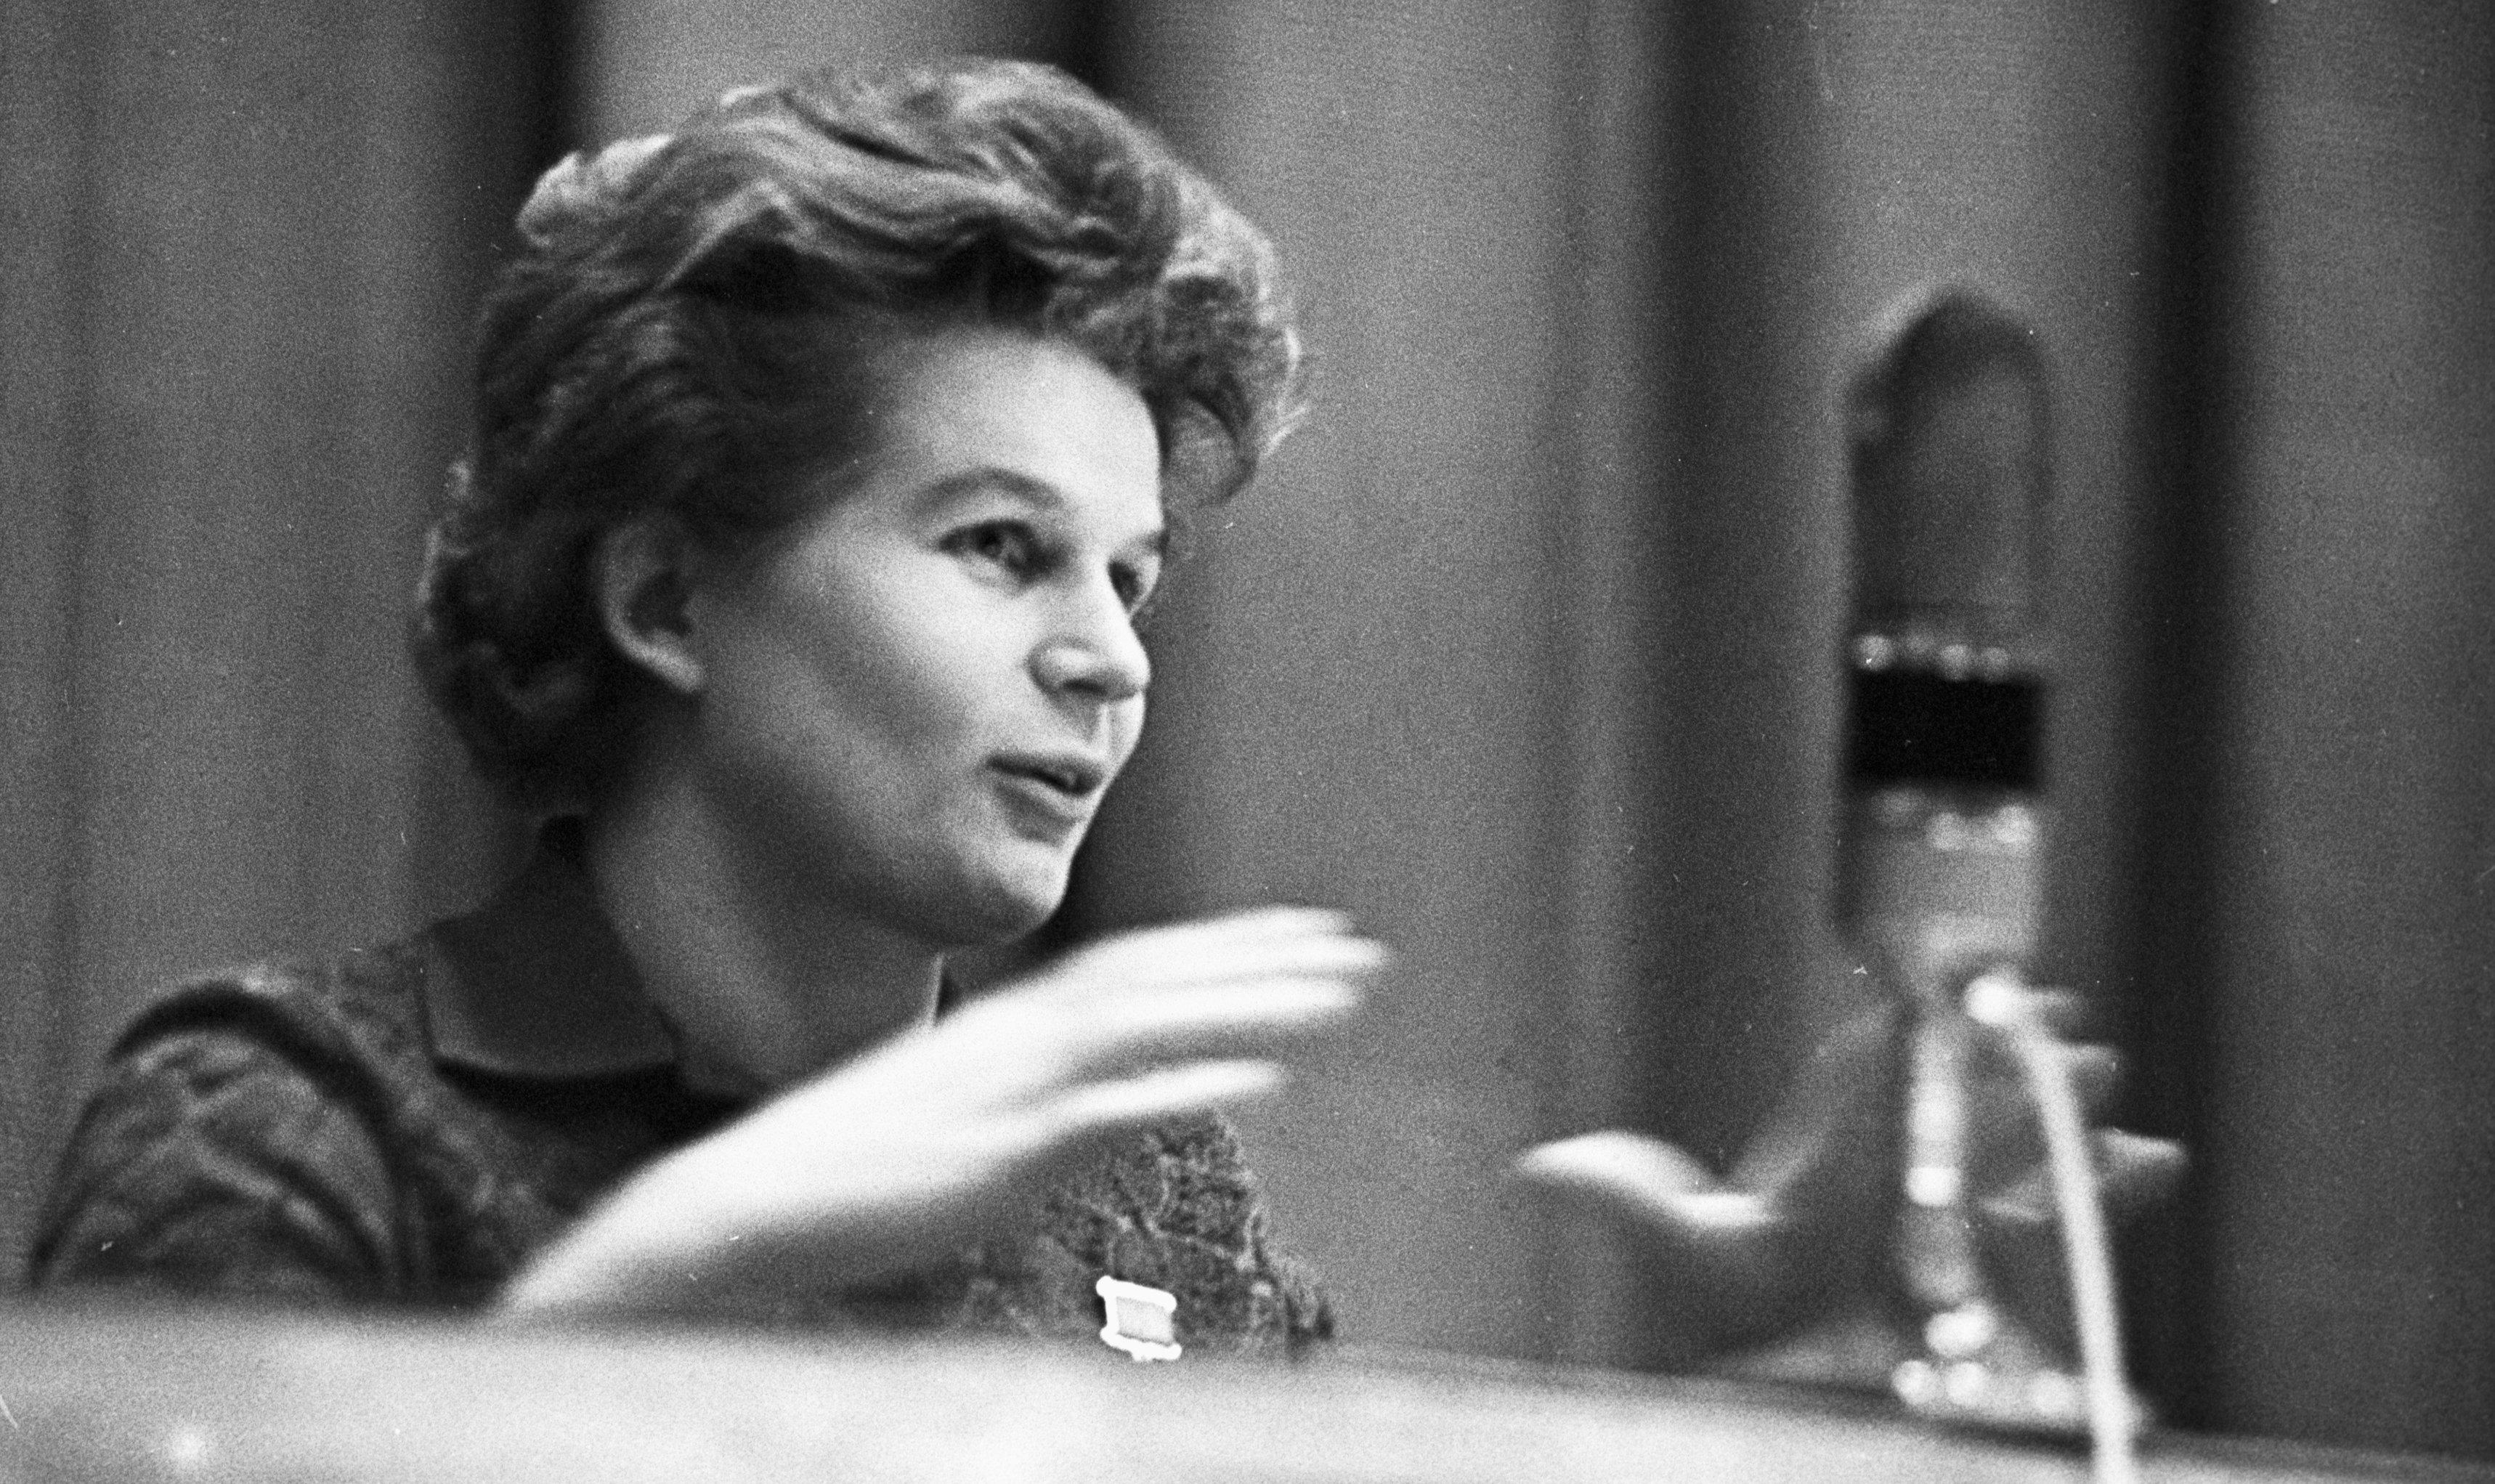 Валентина Терешкова, первая в мире женщина-космонавт, Герой Советского Союза